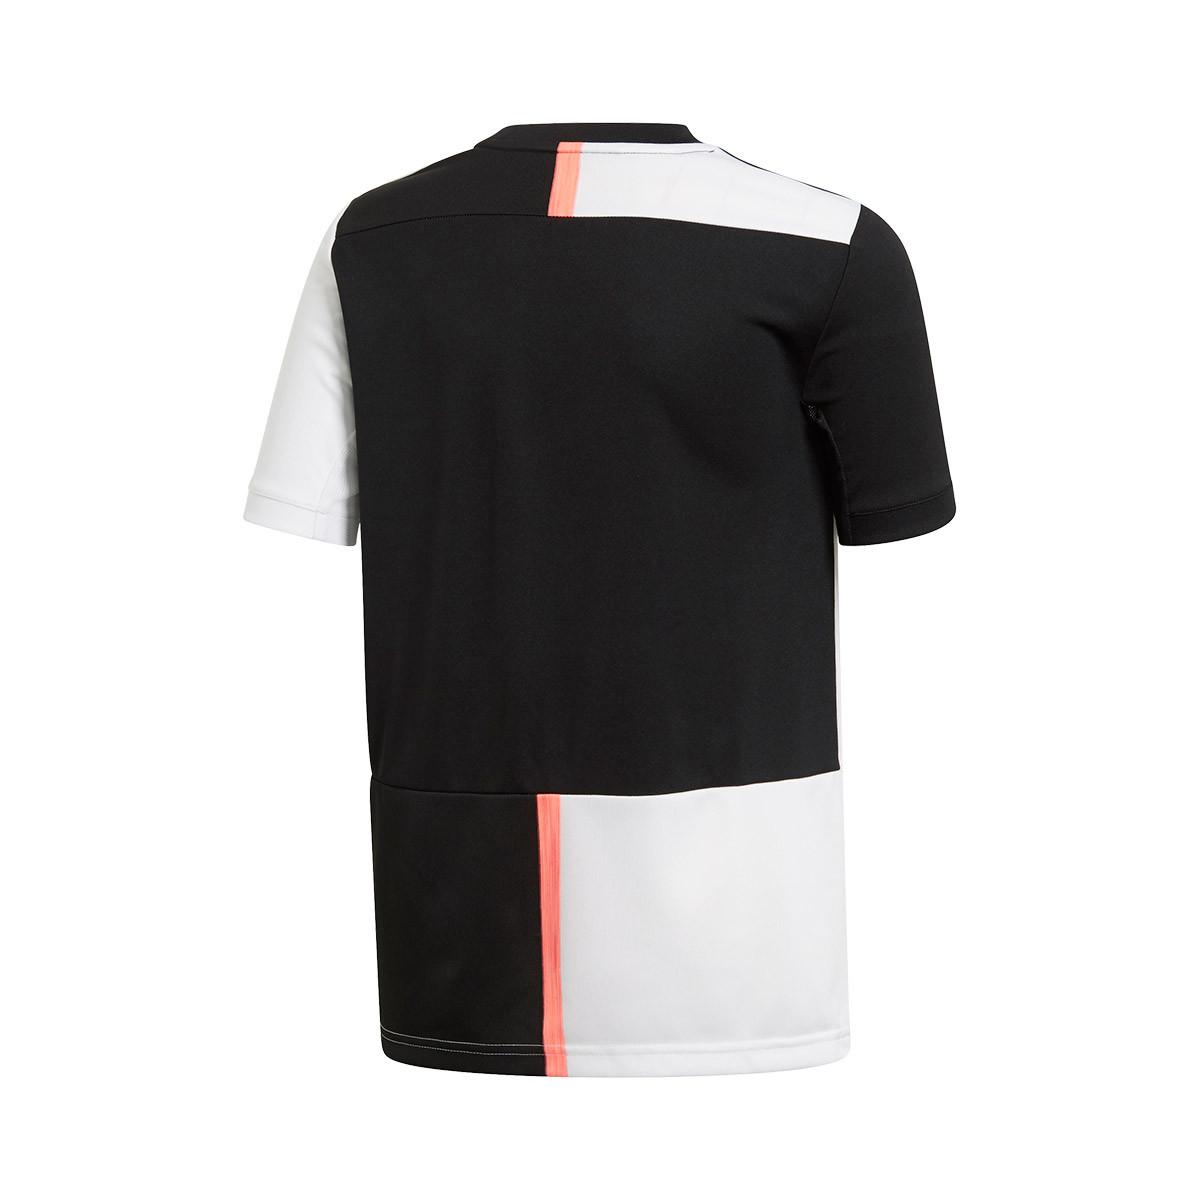 ef42699ff56 Jersey adidas Juventus Primera Equipación 2019-2020 Niño Black-White -  Tienda de fútbol Fútbol Emotion